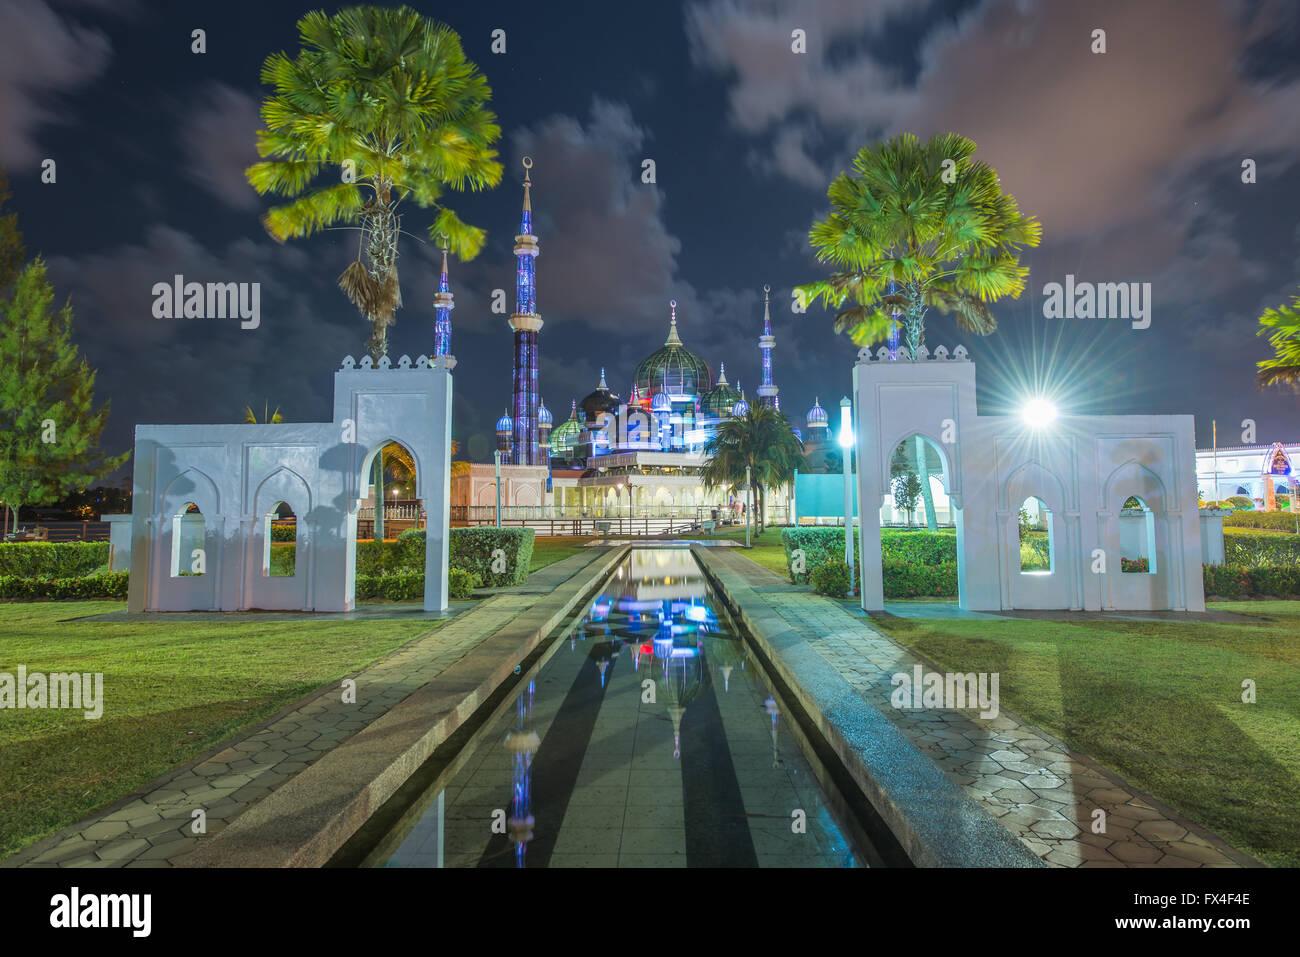 Crystal Mosque in Kuala Terengganu, Terengganu, Malaysia - Stock Image